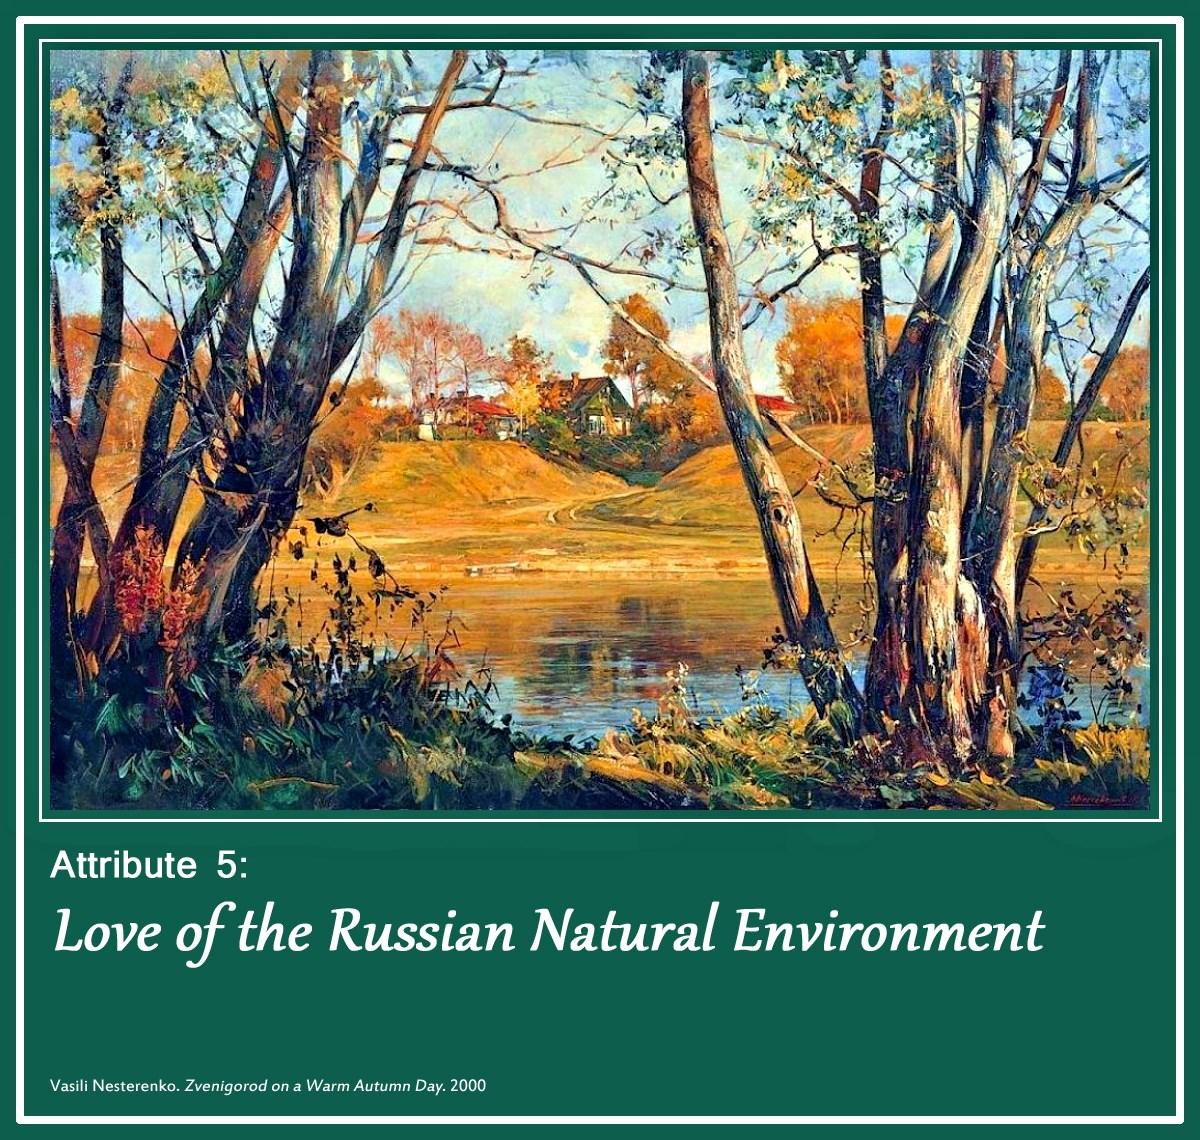 00 russia 05. Vasili Nesterenko. Zvenigorod on a Warm Autumn Day. 2000